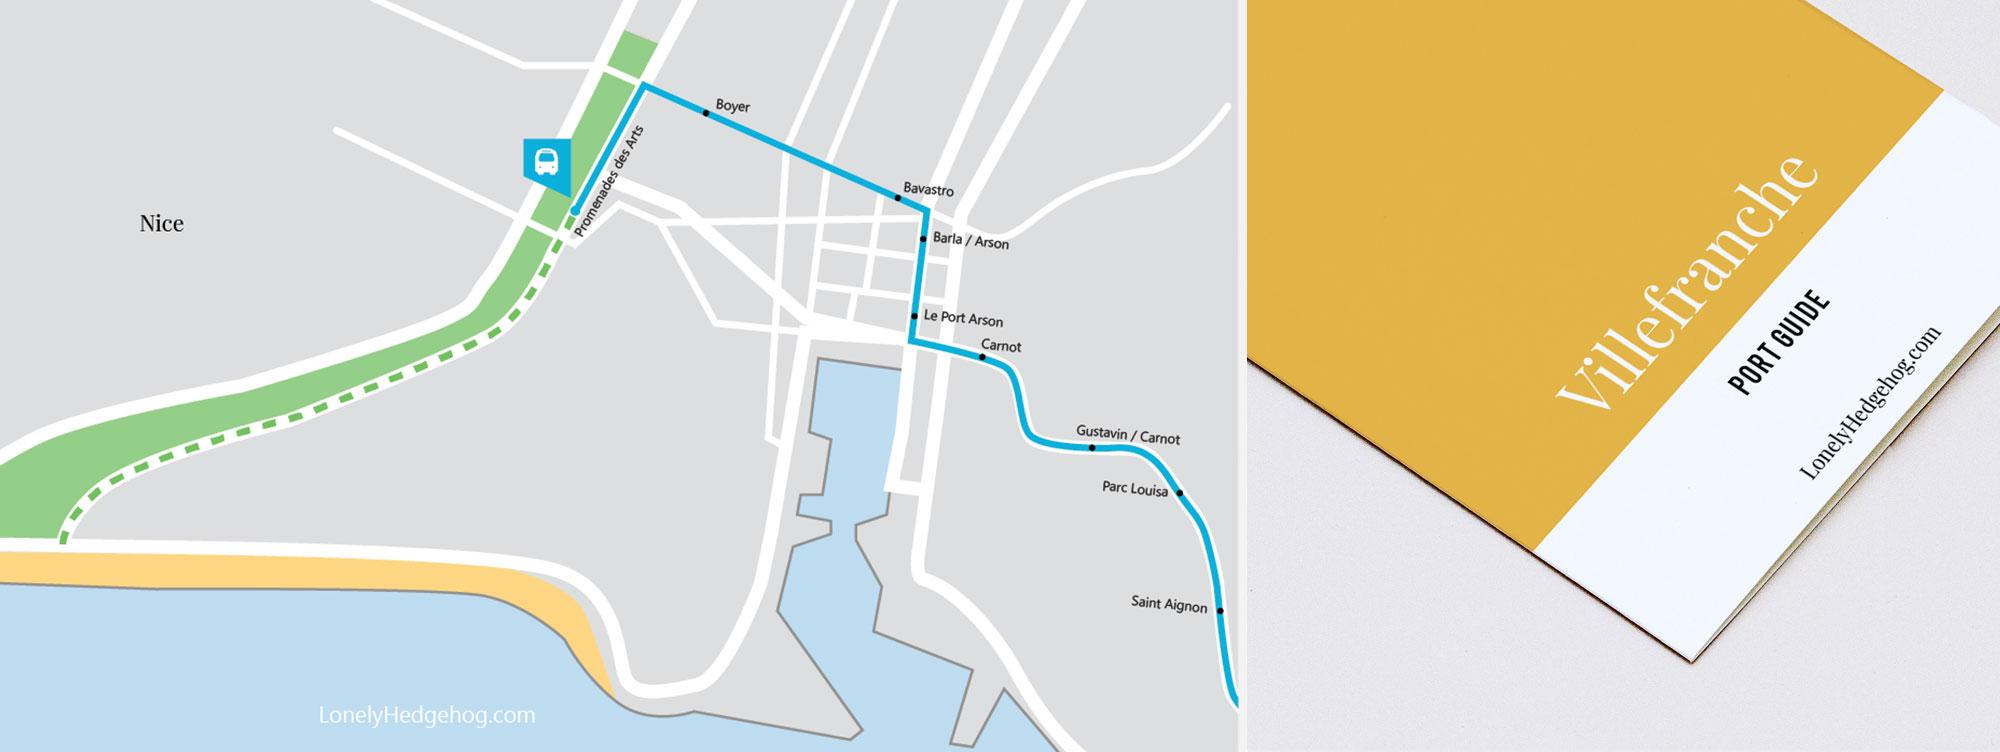 Printable map